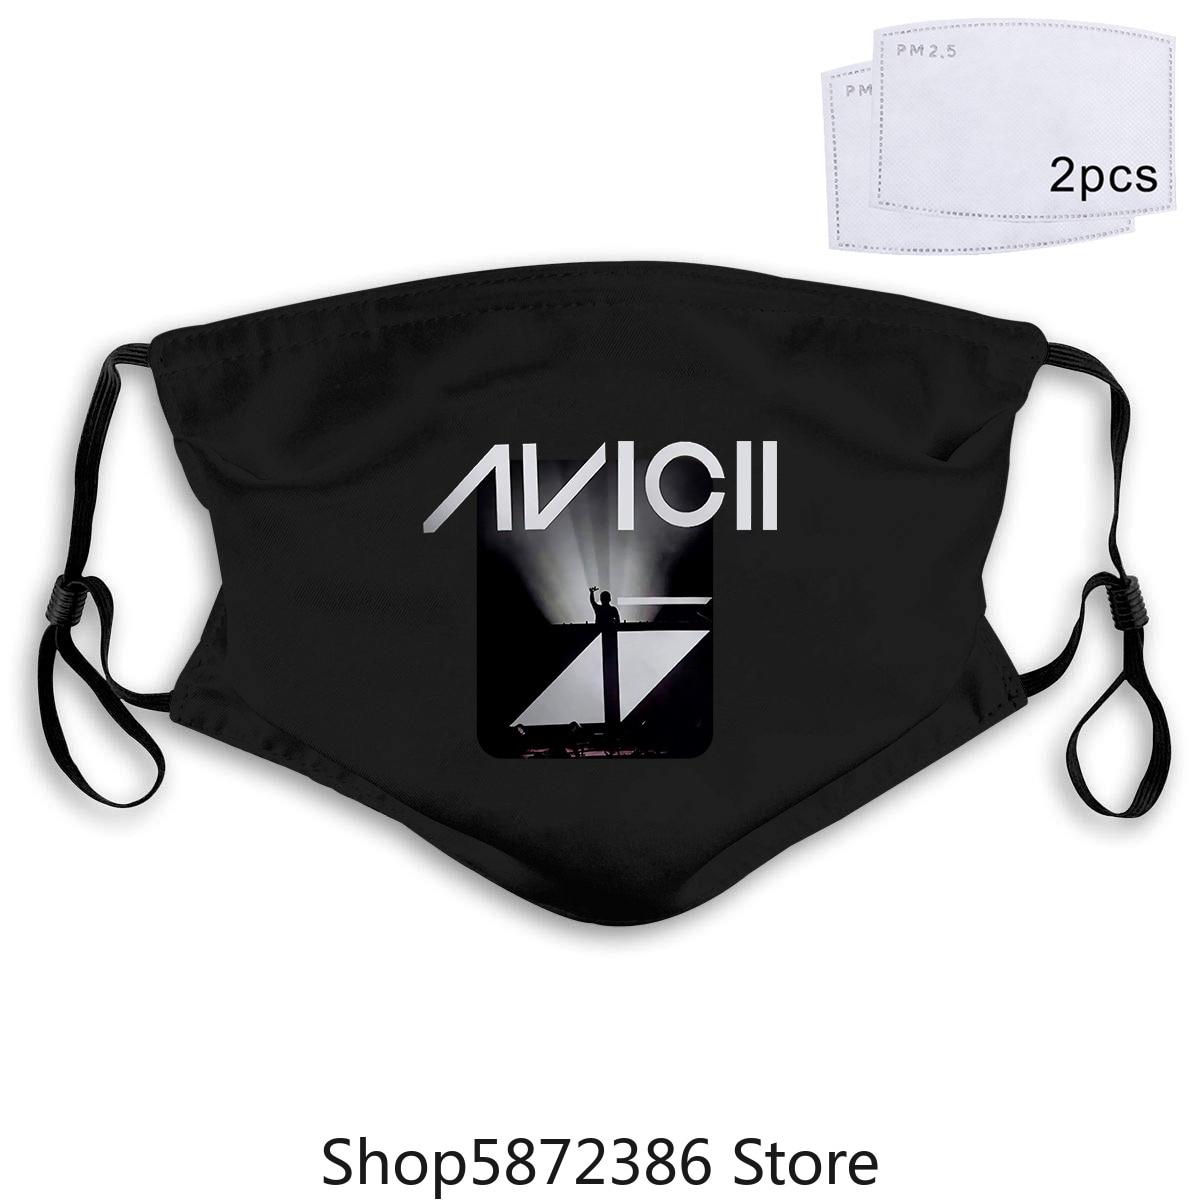 Máscara negra para hombre, nuevo y Popular DJ Avicii, XS3XL 20 piezas PM2.5 de algodón unisex, mascarilla facial Anti-humo transpirable y lavable con mufla bucal para ciclismo